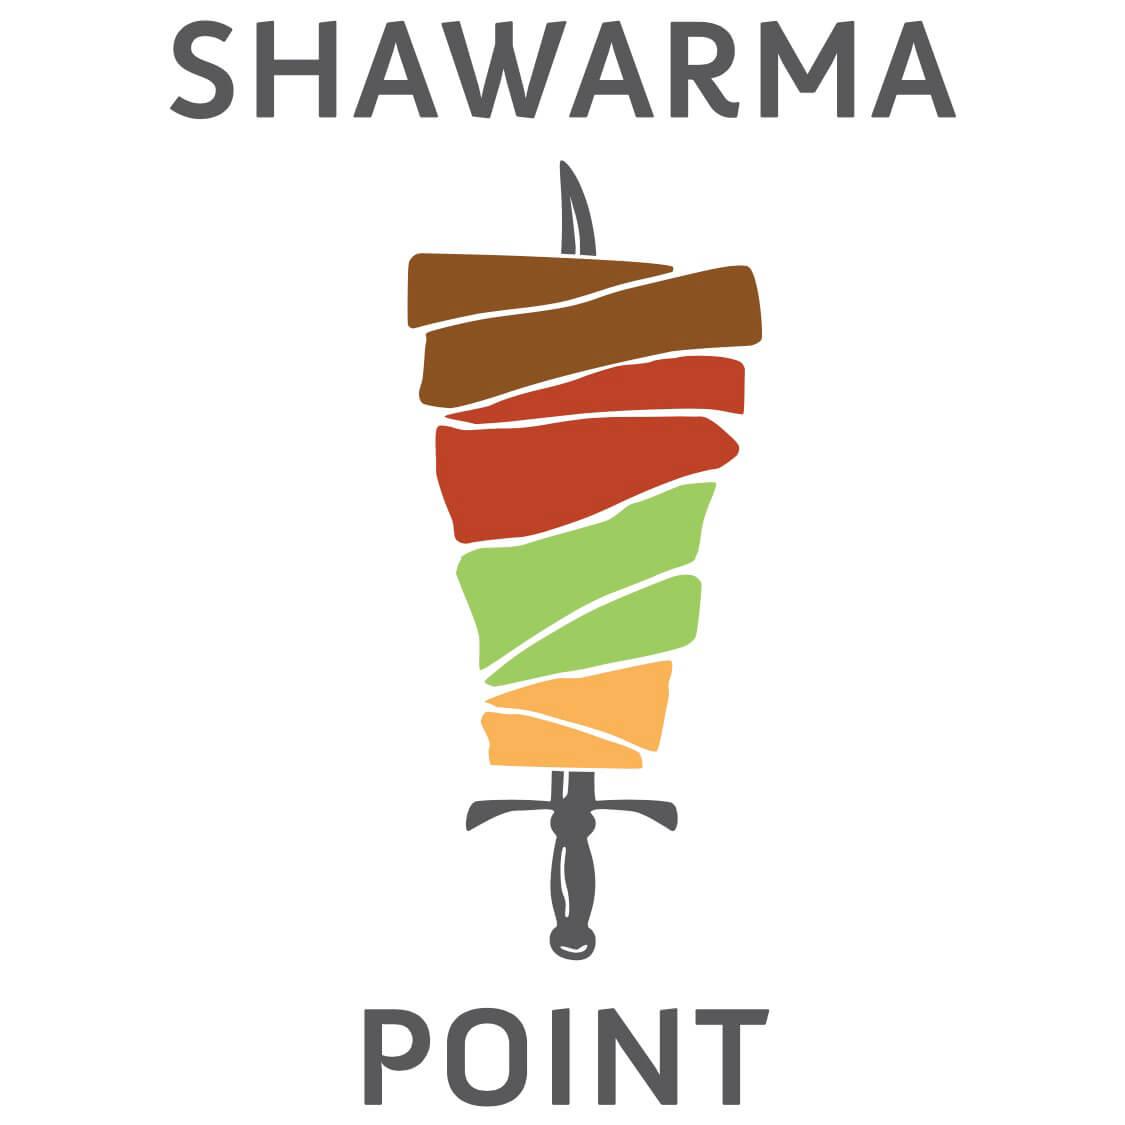 Shawarma Point